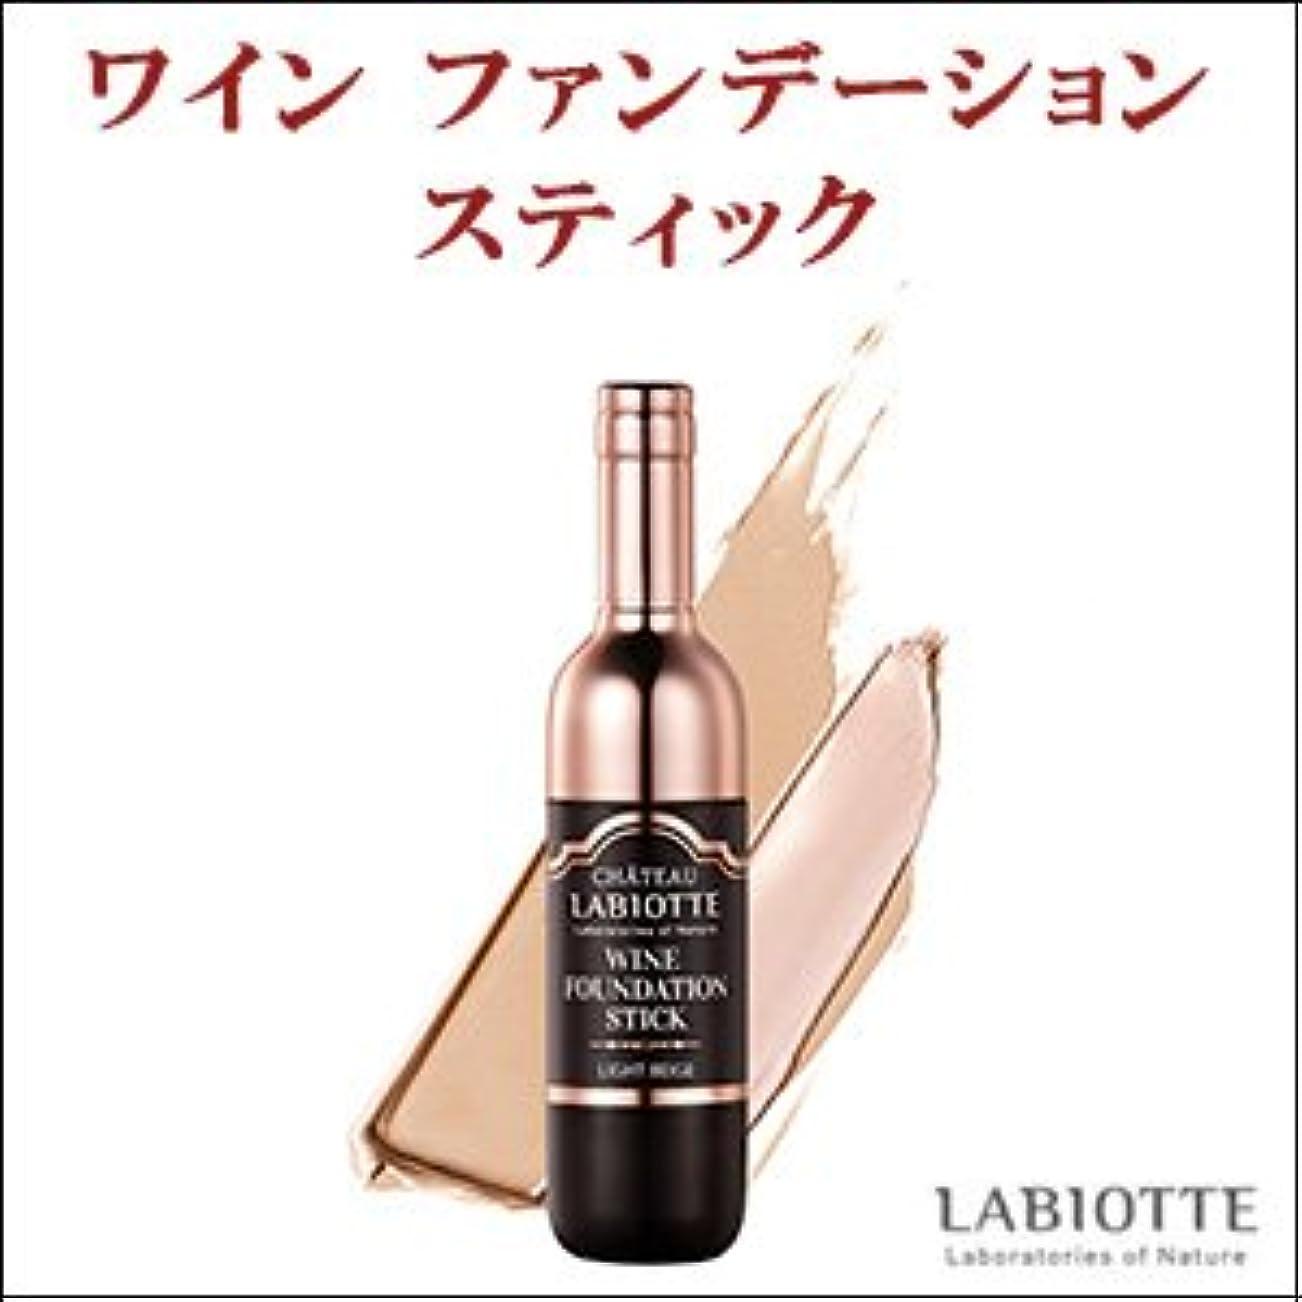 チップ可決抵当LABIOTTE シャトー ラビオッテ ワイン ファンデーション スティック カラー:BE23 ナチュラルベージュ